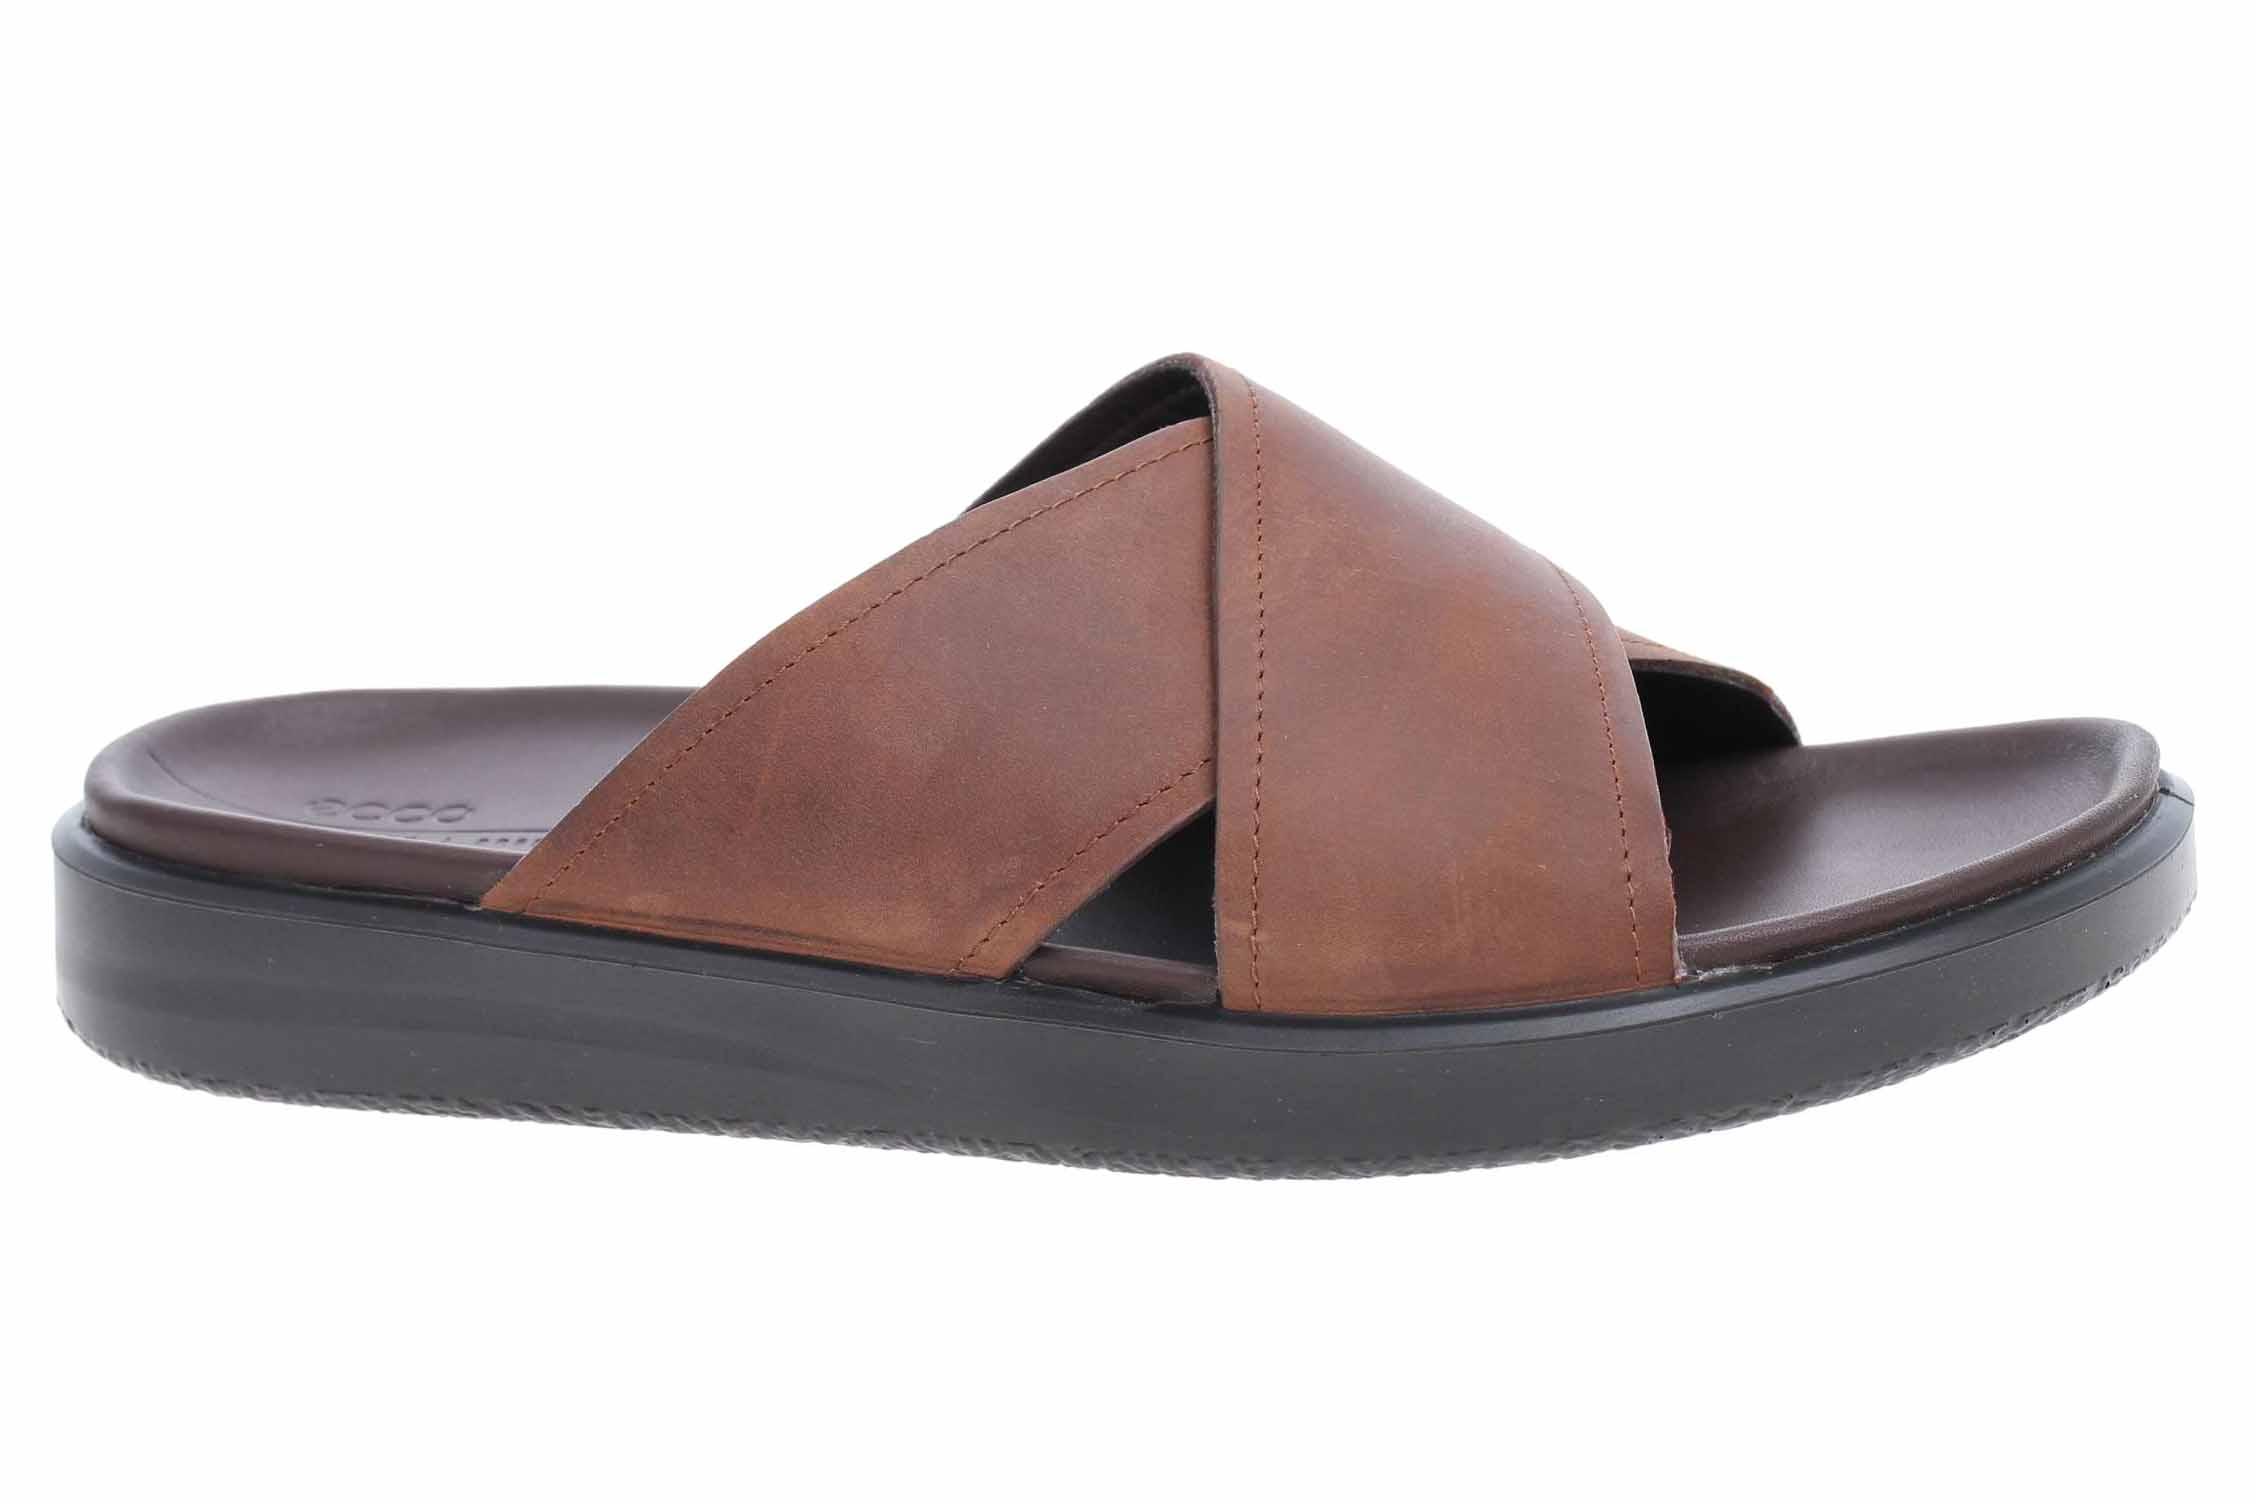 190b8aafbb62 Pánské pantofle